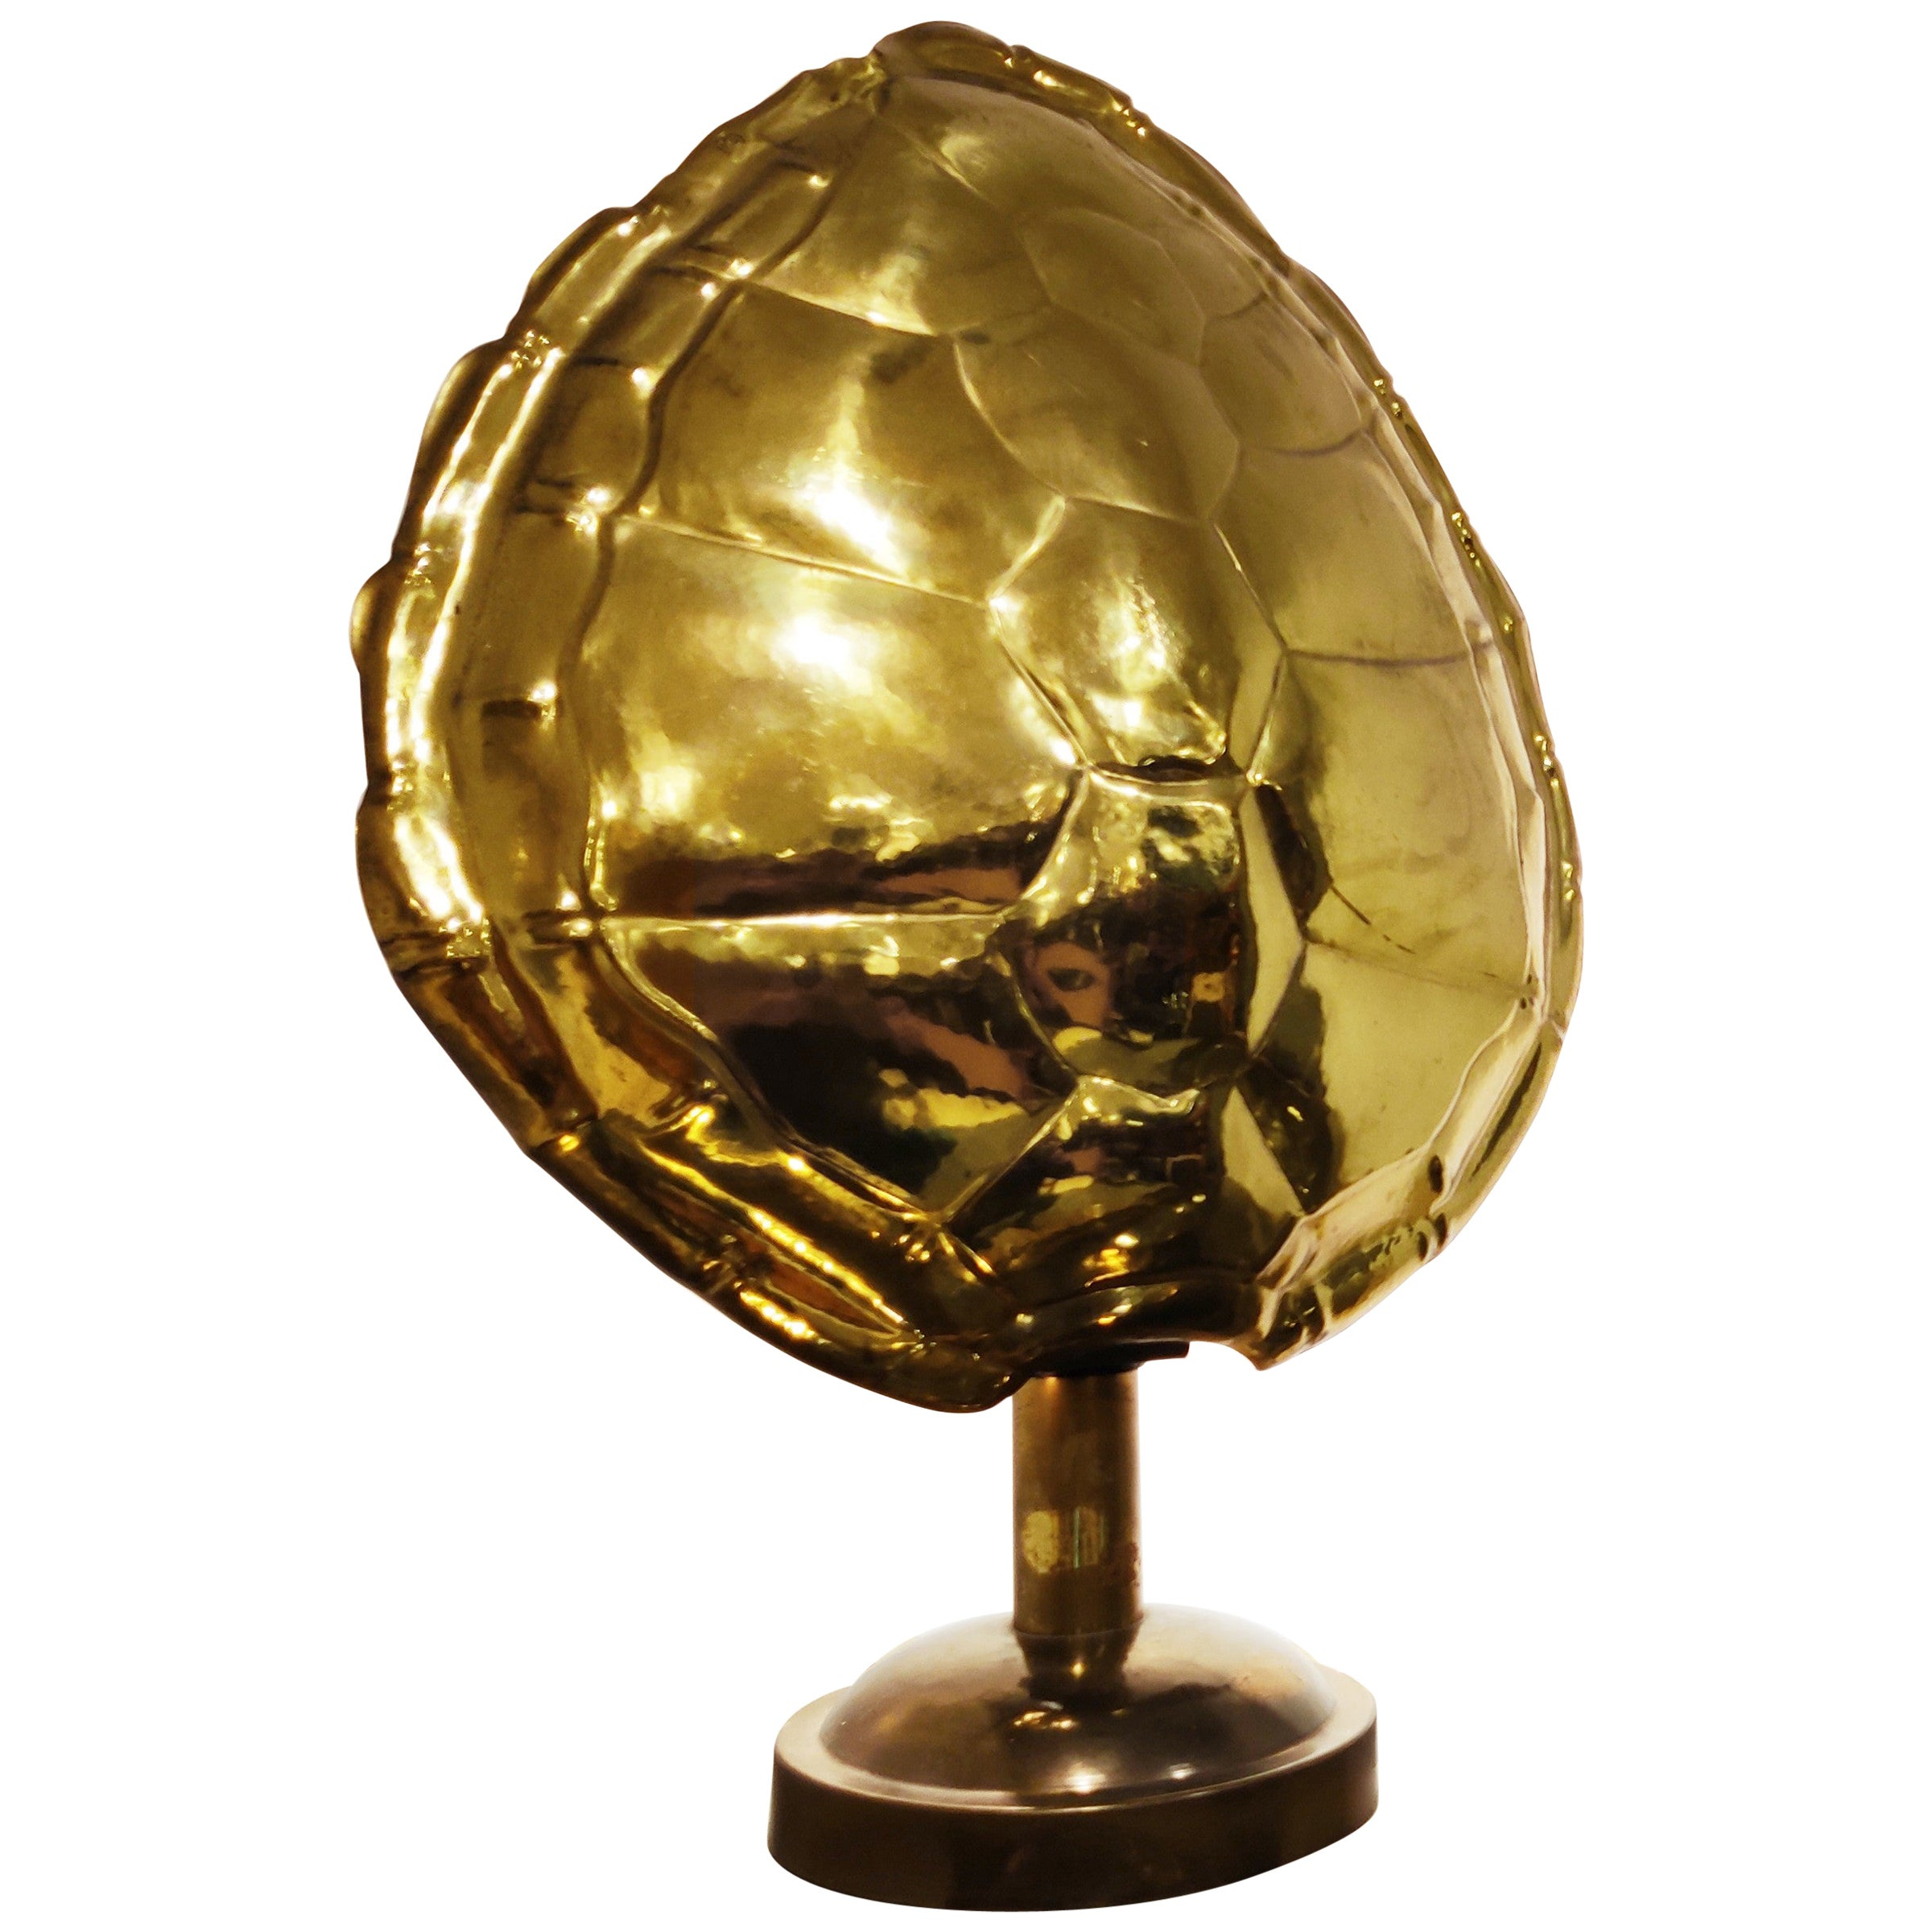 Brass Tortoise Shell Table Lamp, 1970s